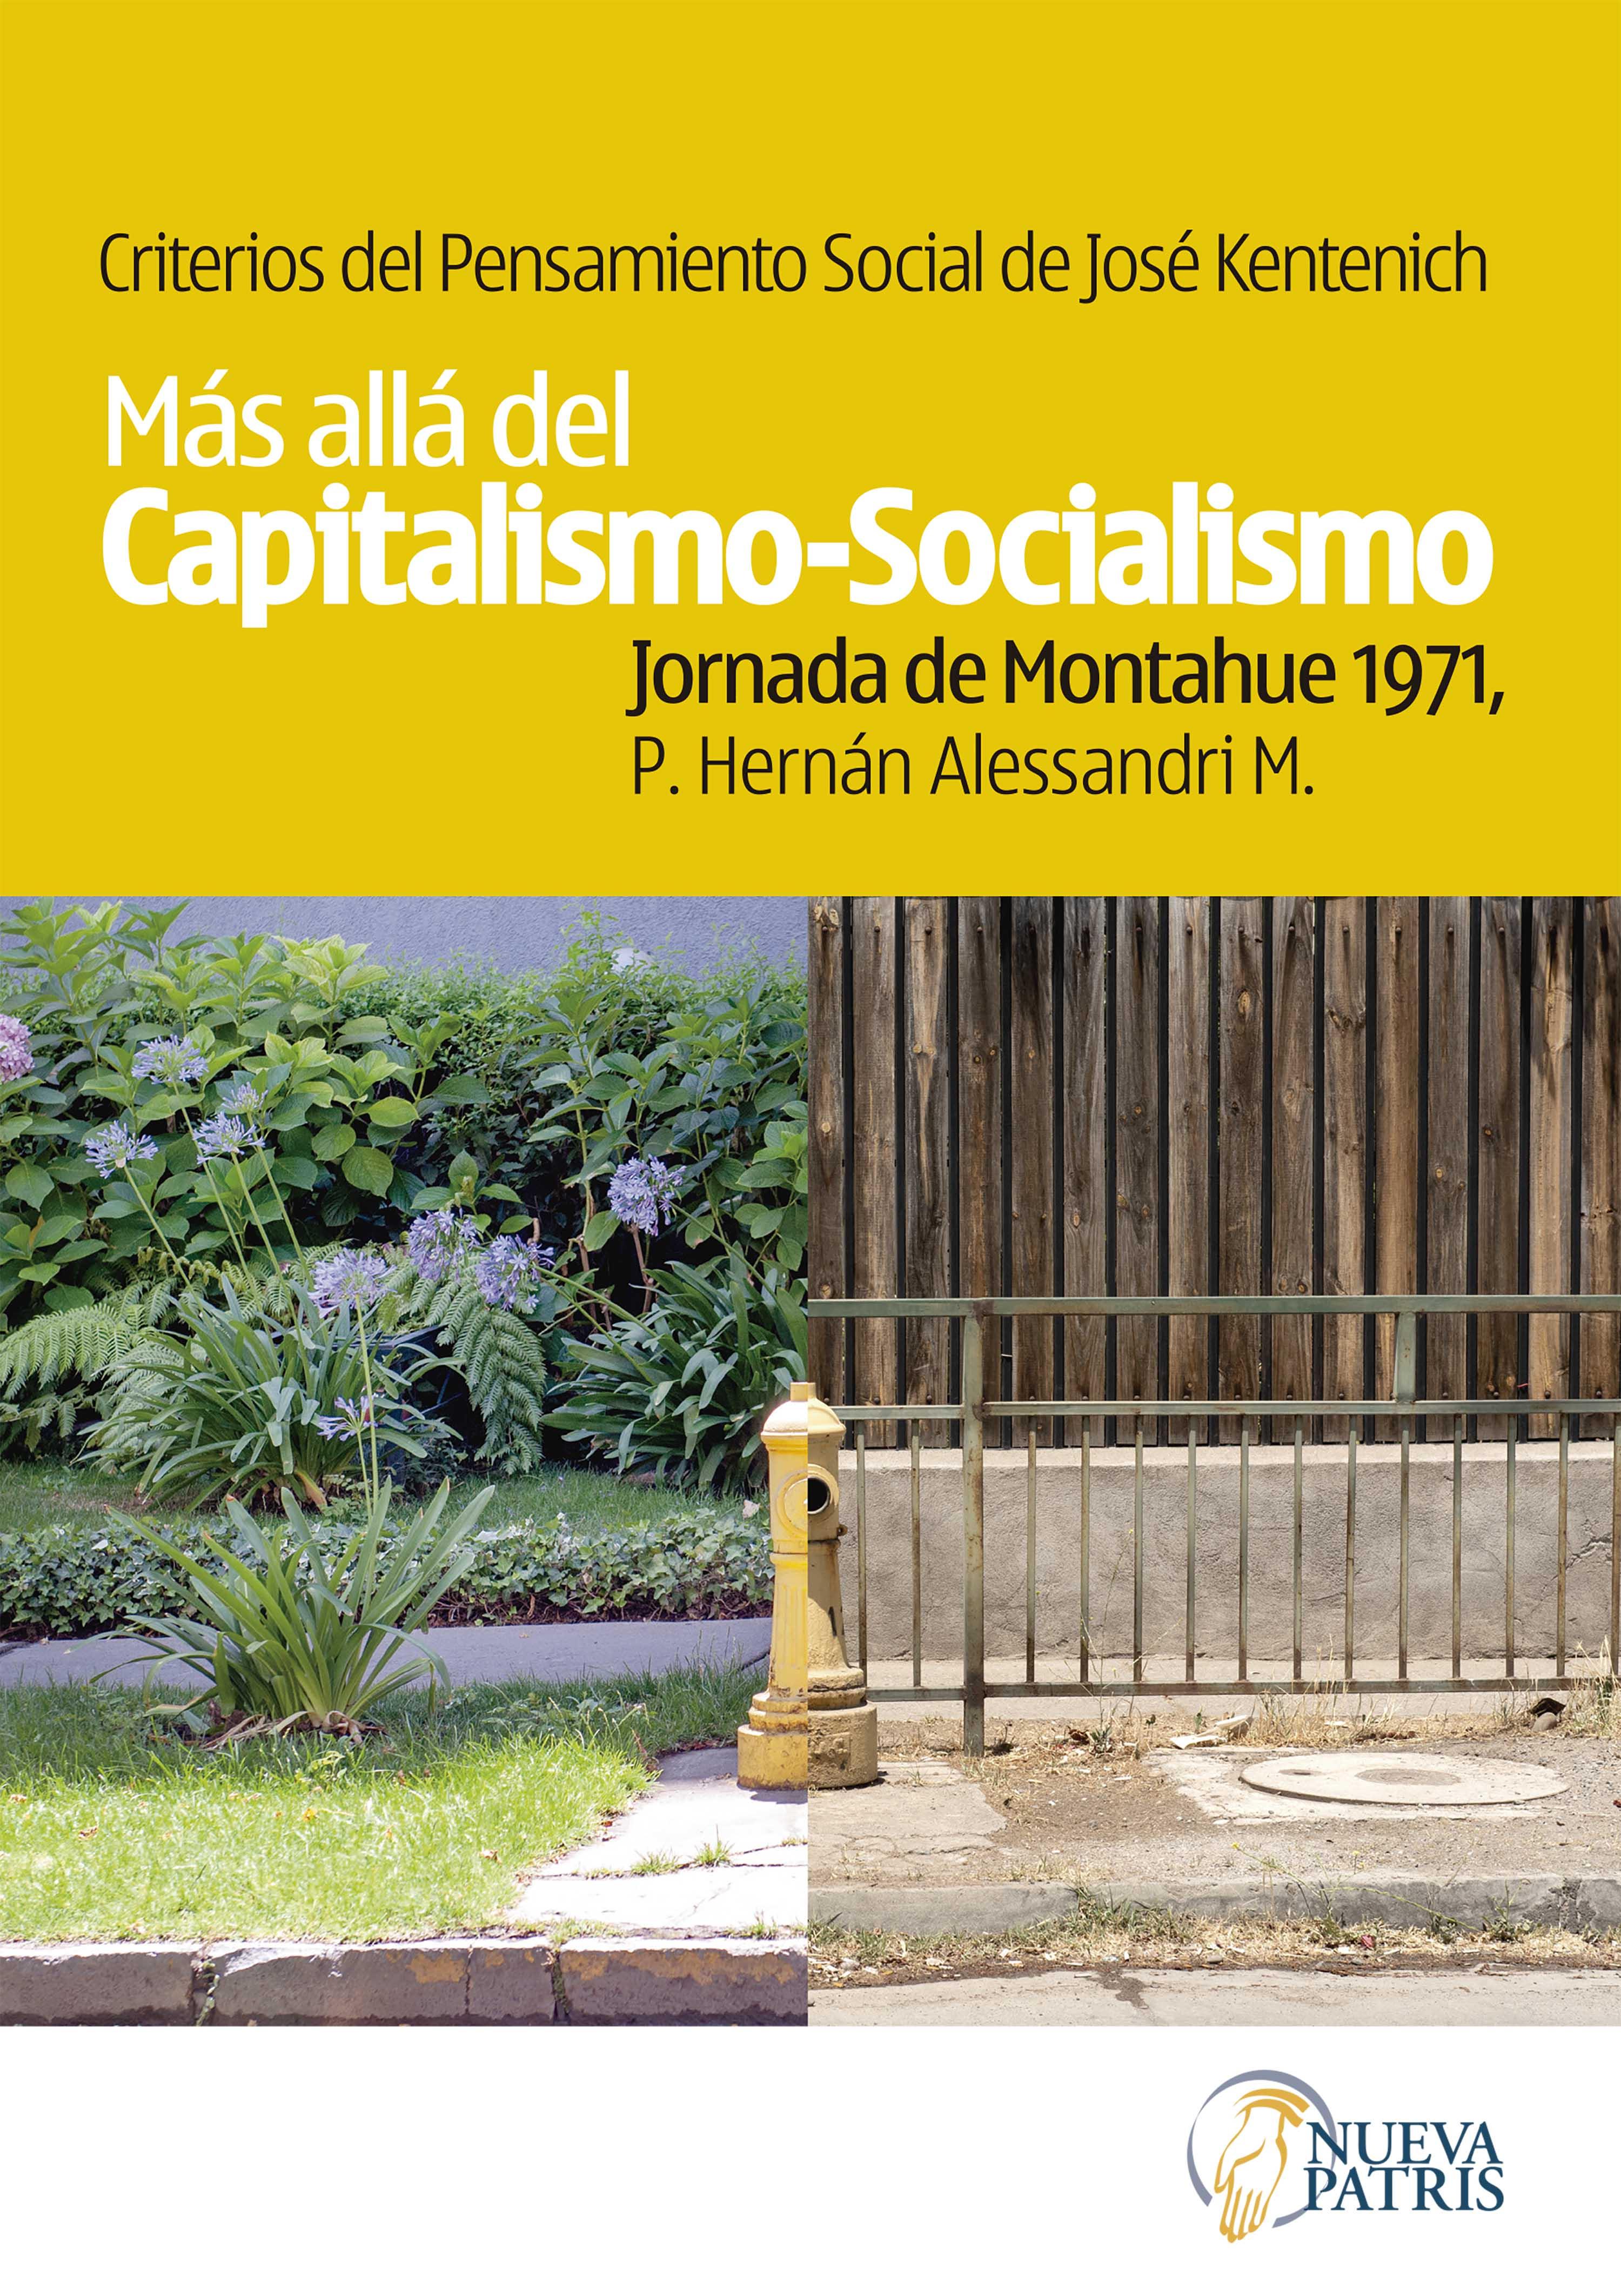 Criterios del pensamiento social de José Kentenich. Más allá del capitalismo-socialismo: Jornada de Montahue 1971